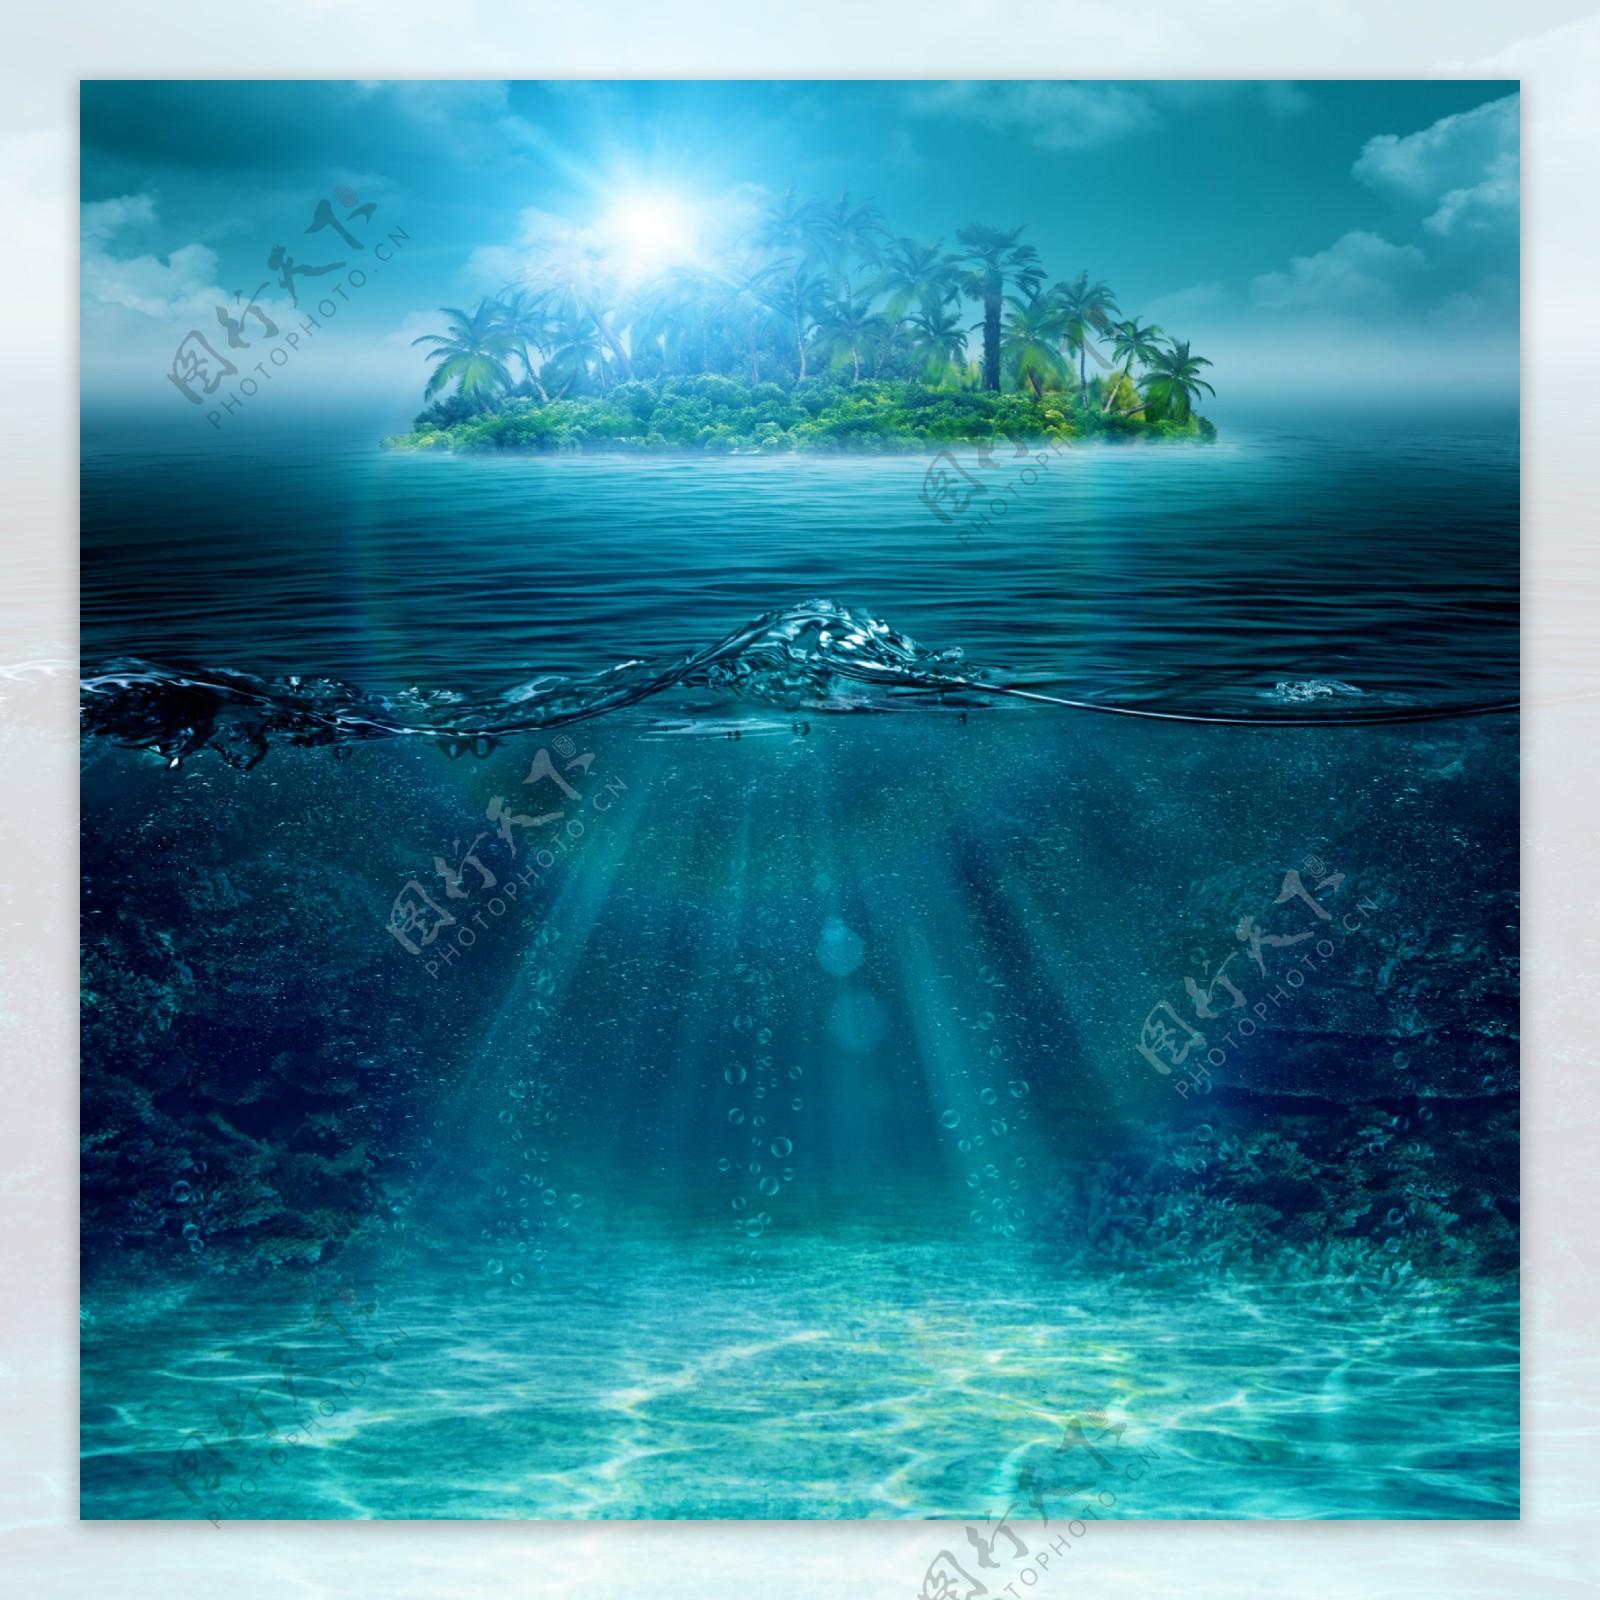 海底深处与海面图片